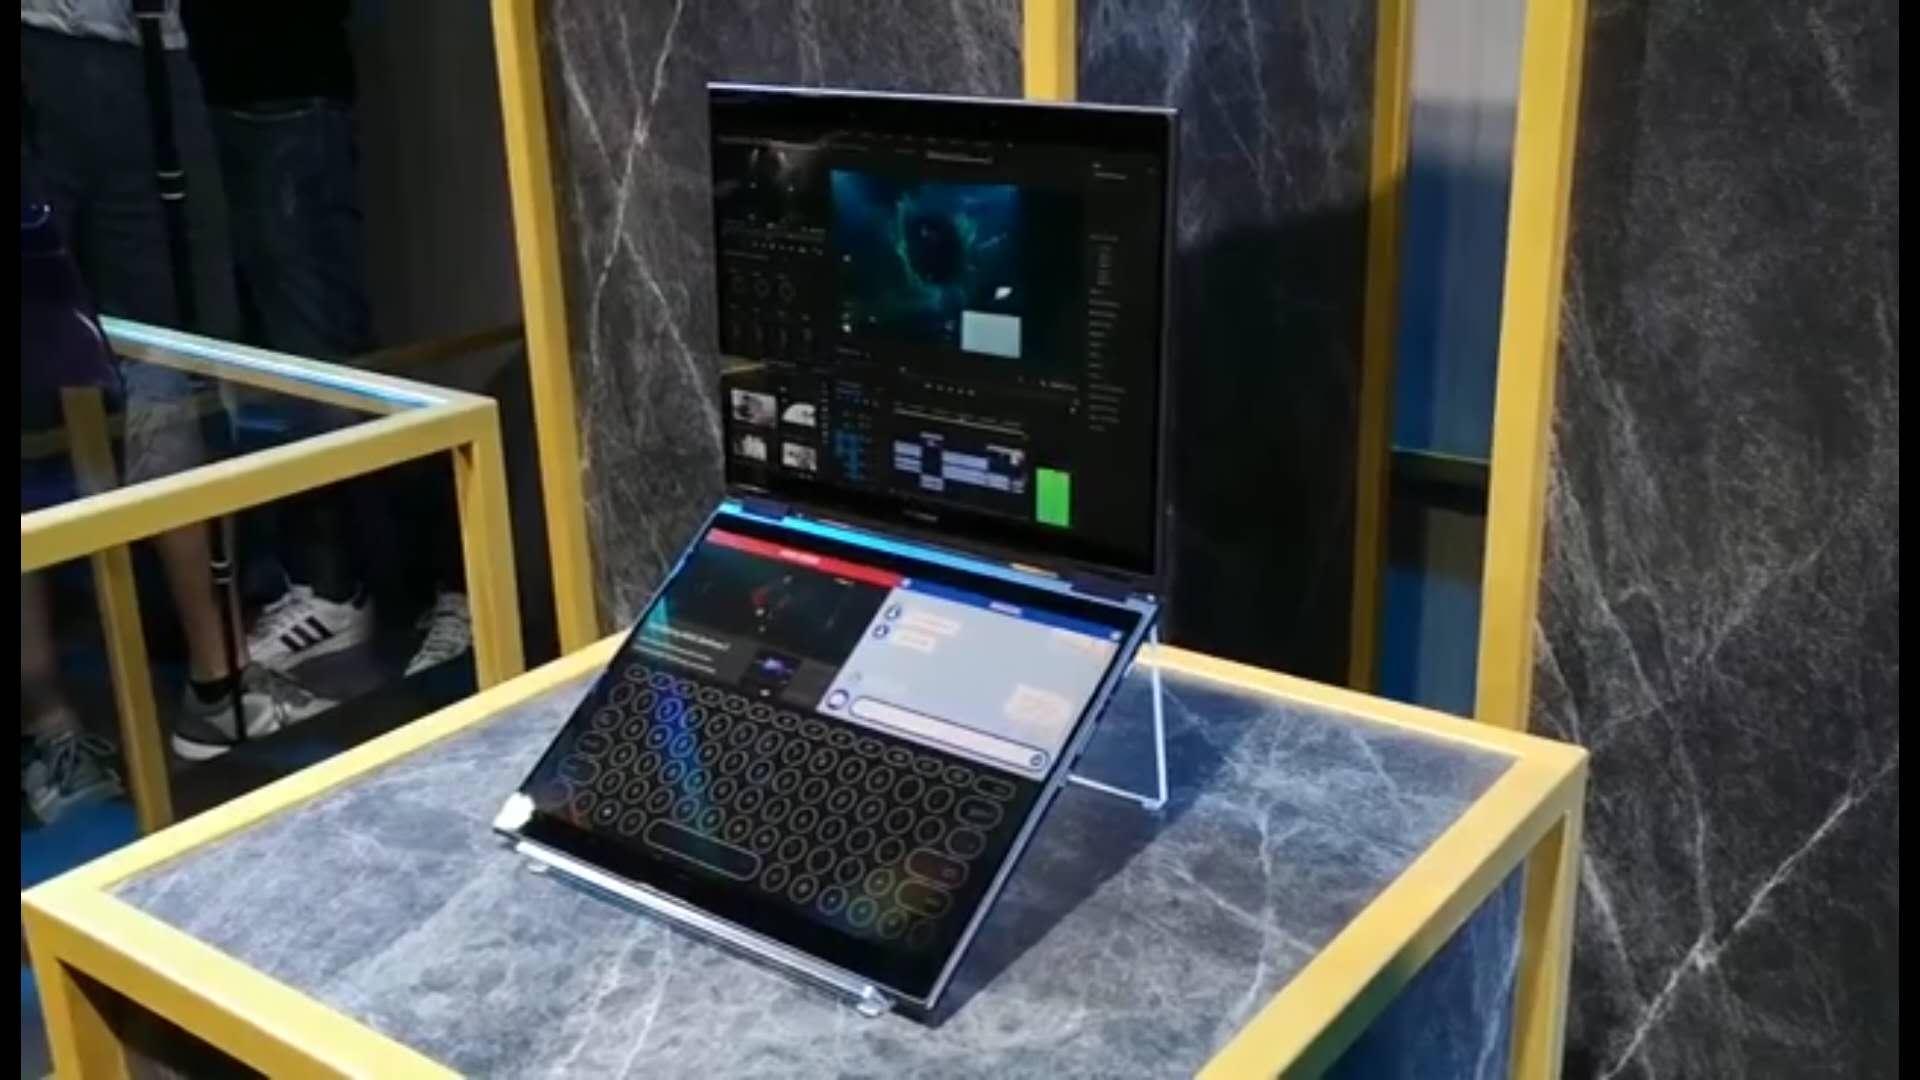 华硕概念双屏笔记本AI PC